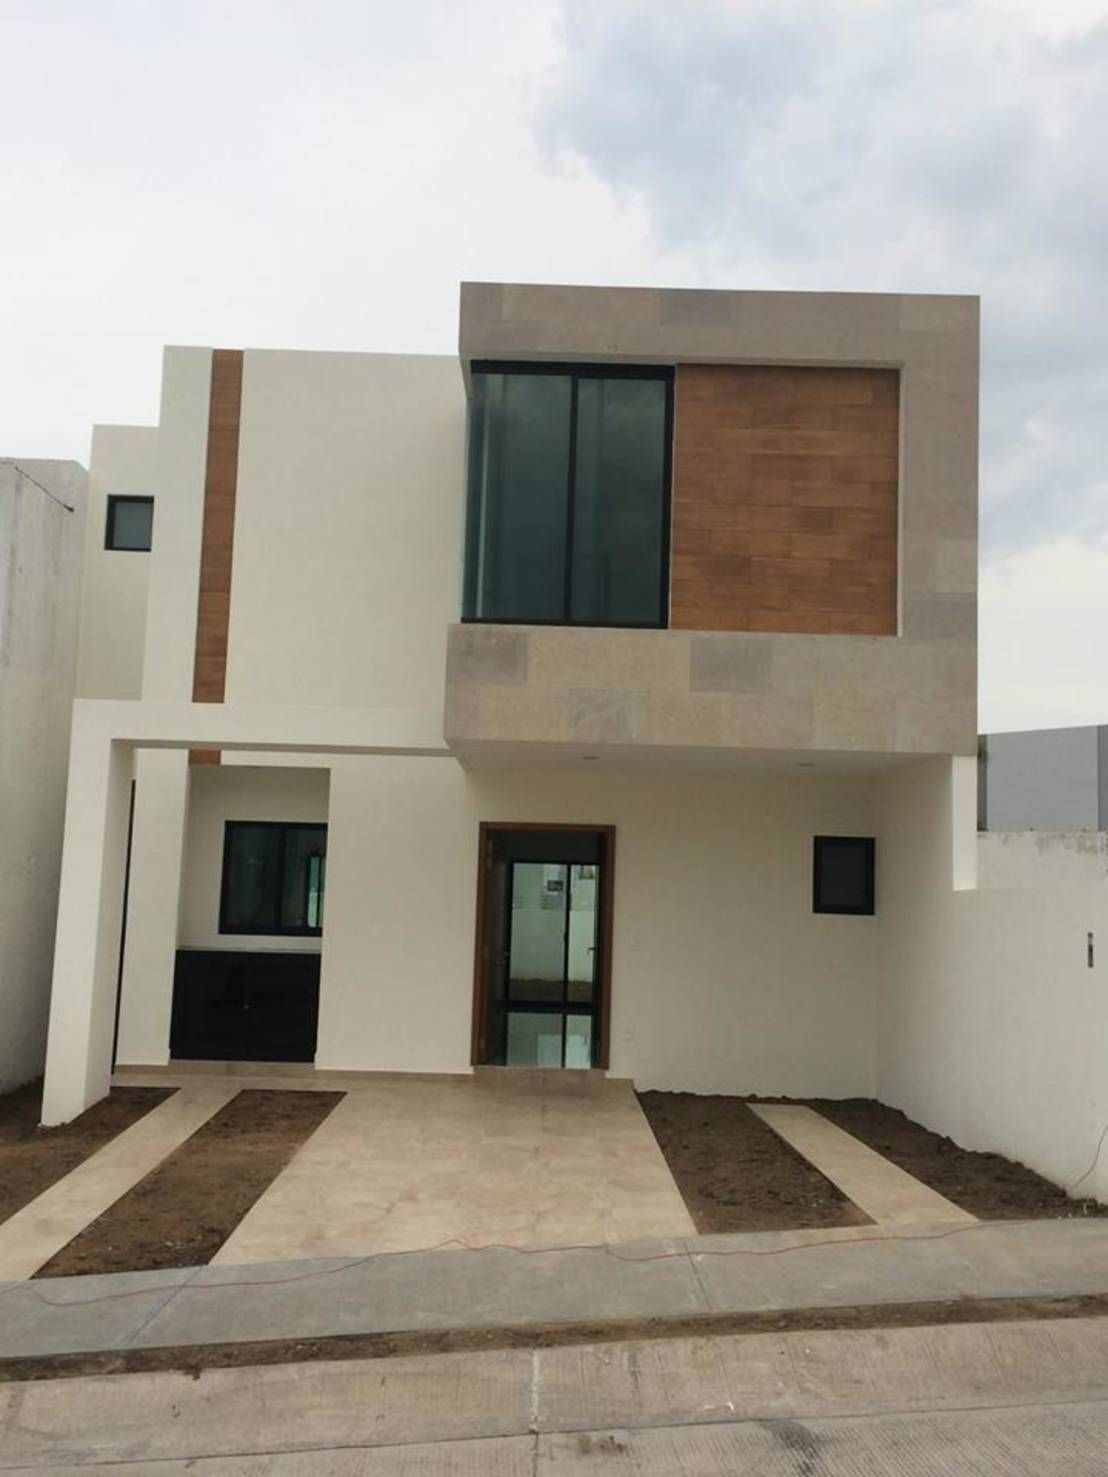 Arquitectura Fachadas De Casas Modernas Casas Modernas: 10 Fachadas De Casas Pequeñas ¡por 10 Arquitectos Mexicanos! #casasminimalistaspequeñas